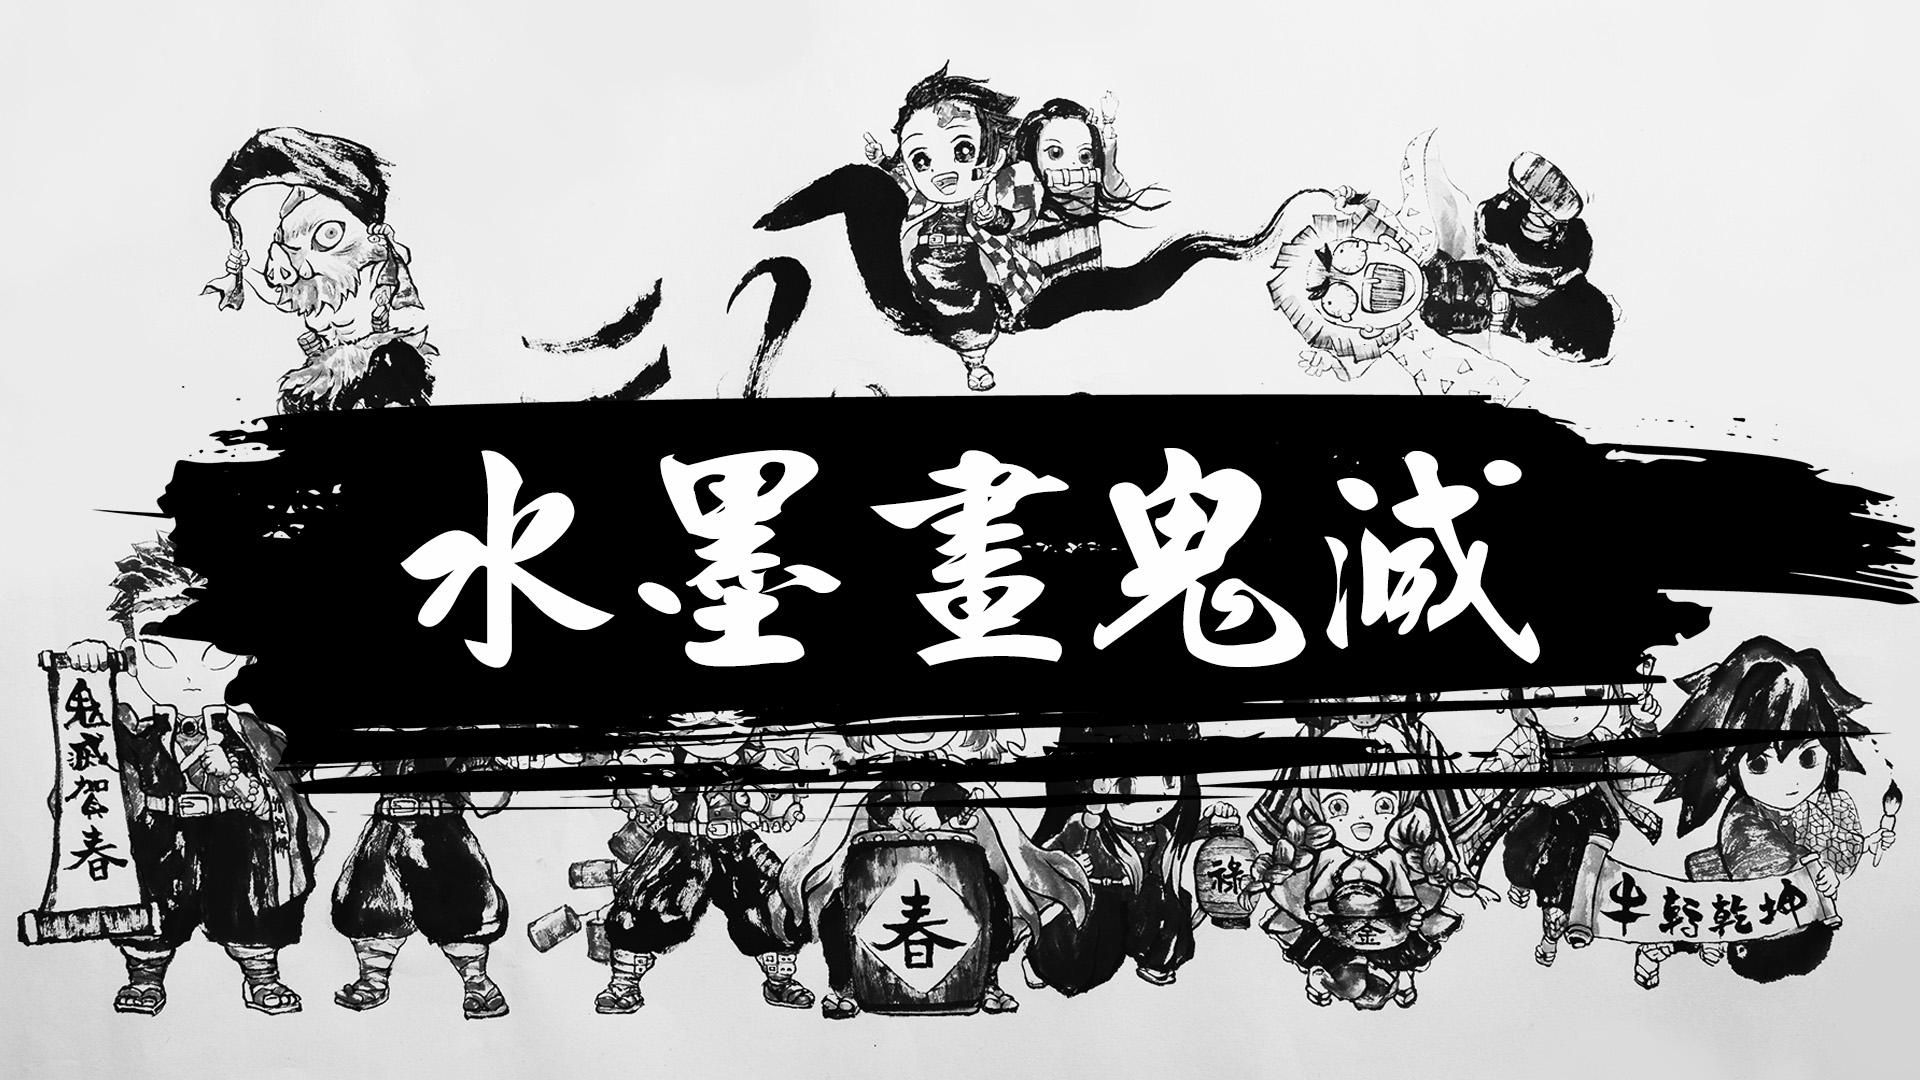 《九柱重現 鬼滅賀春》 用水墨詮釋Q版鬼滅賀春圖